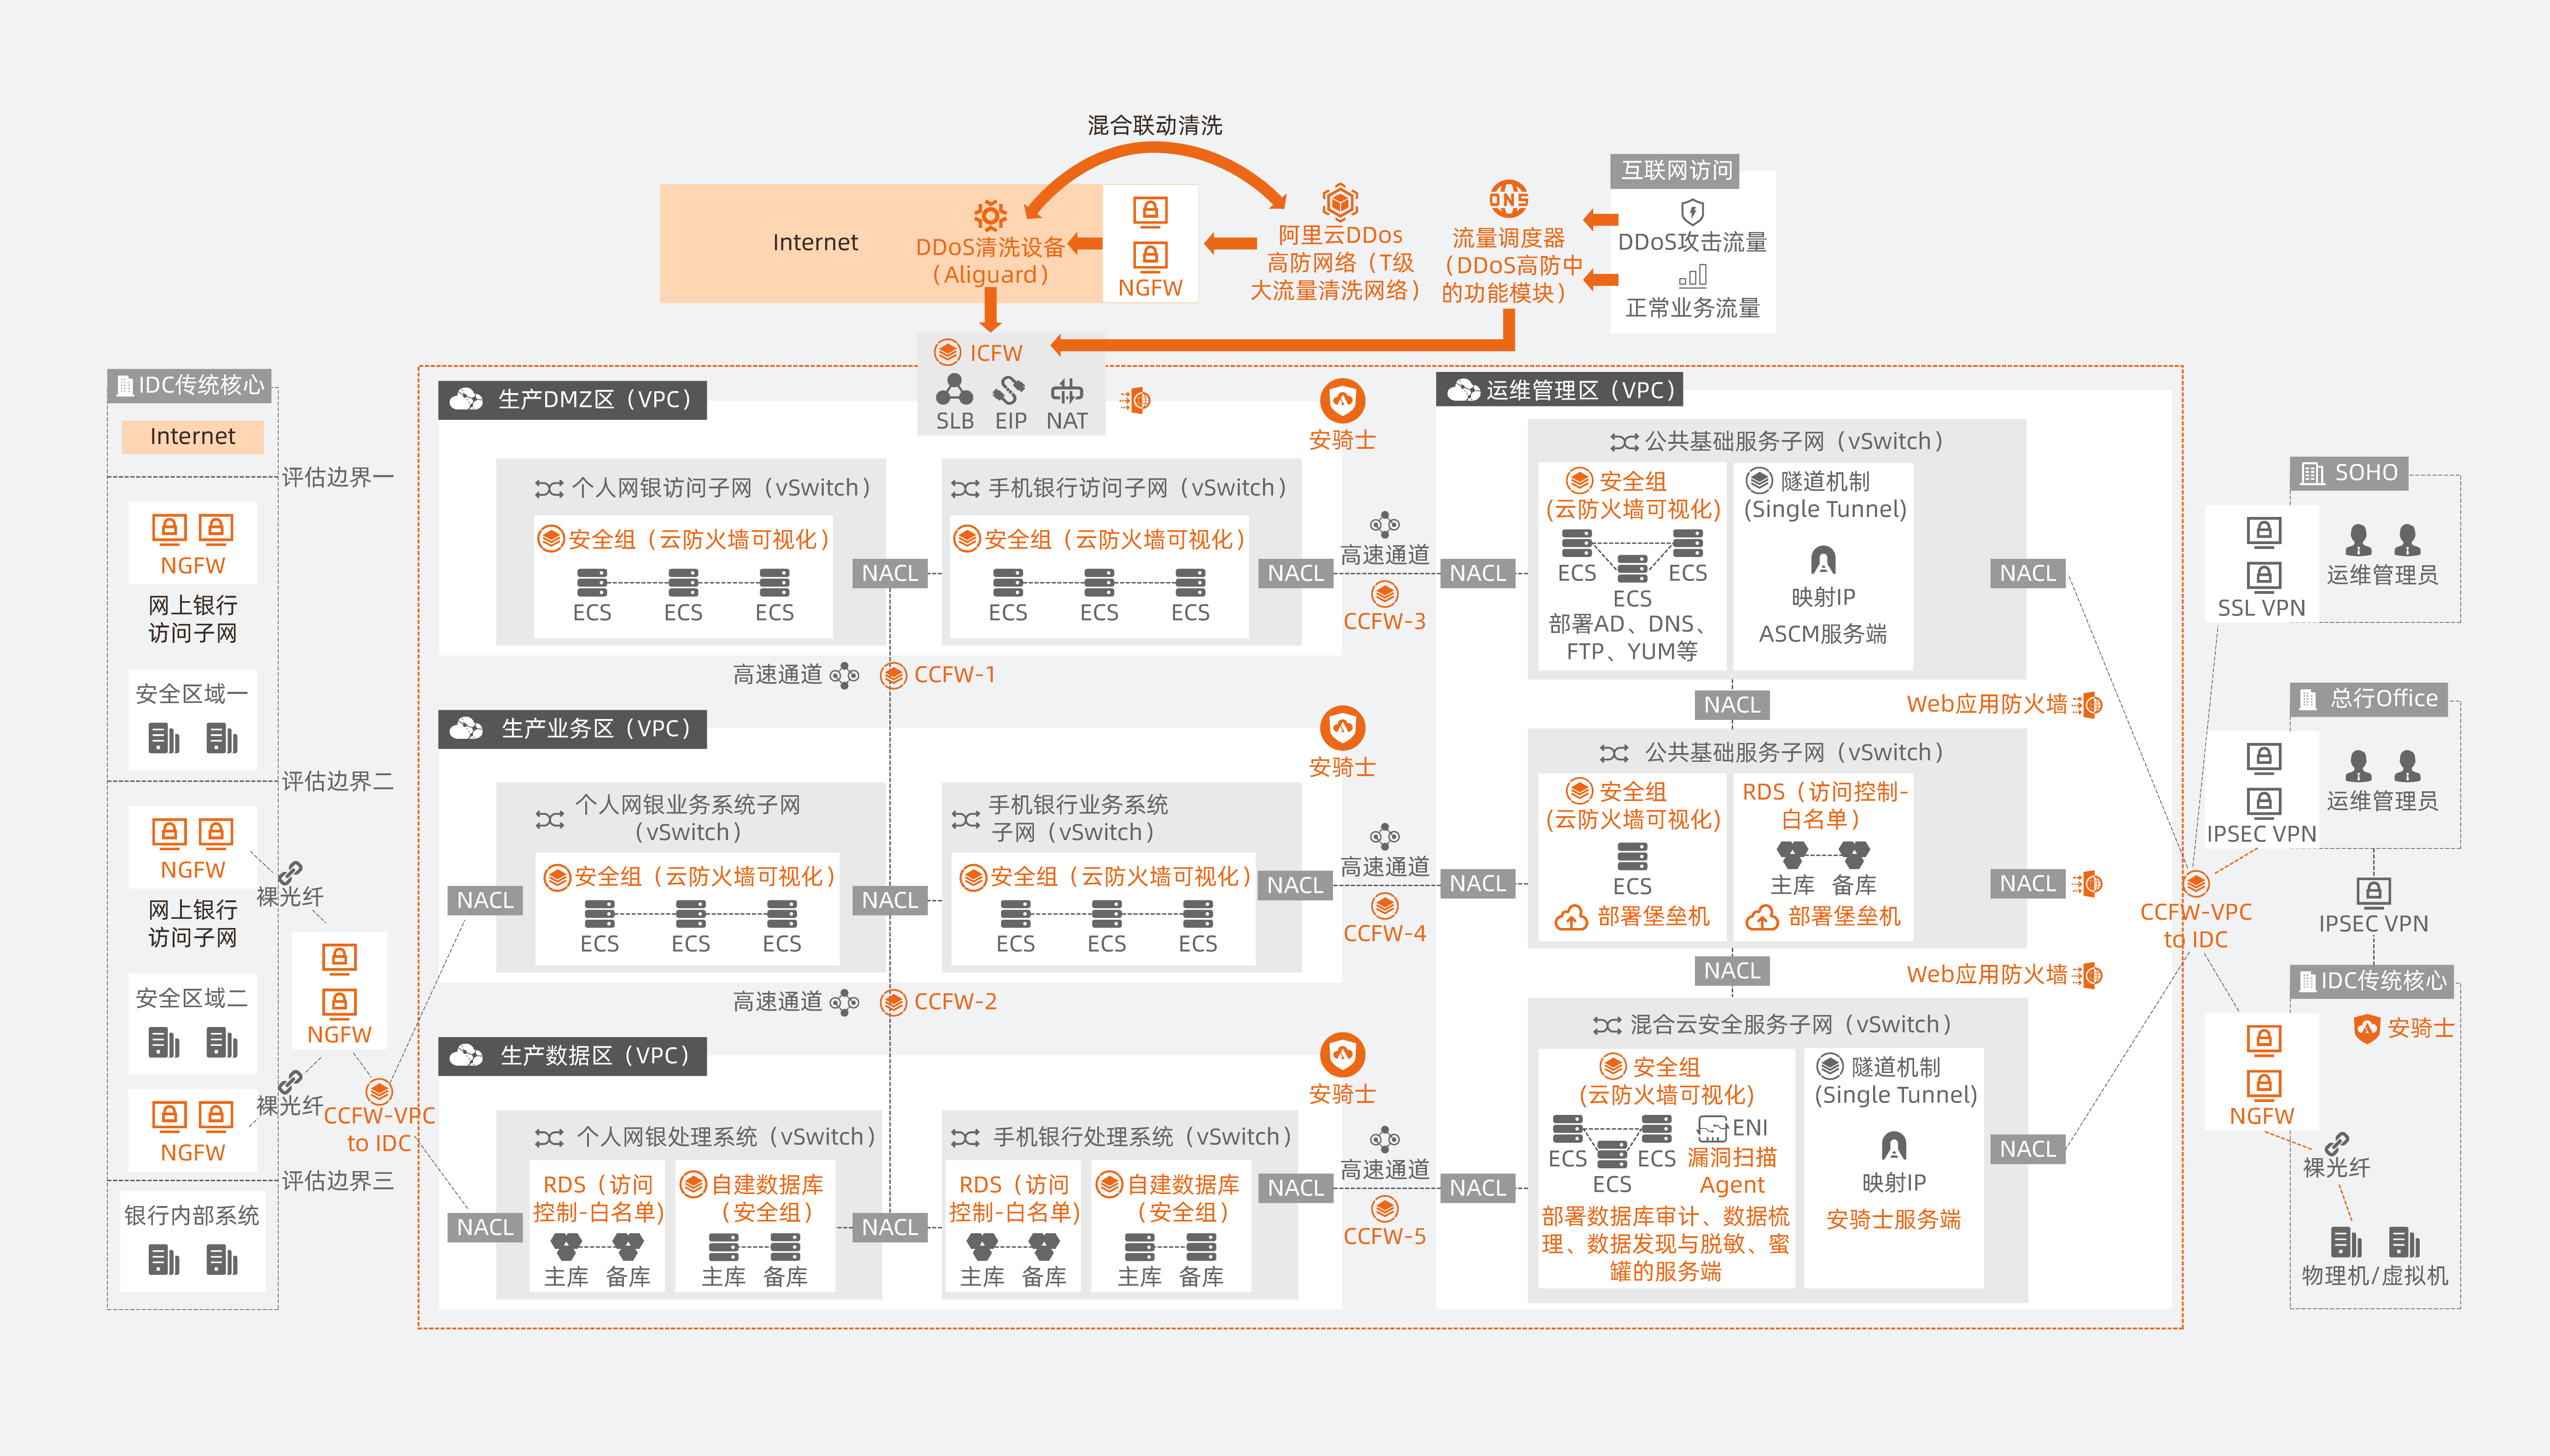 架构图-华瑞银行_画板 1.png